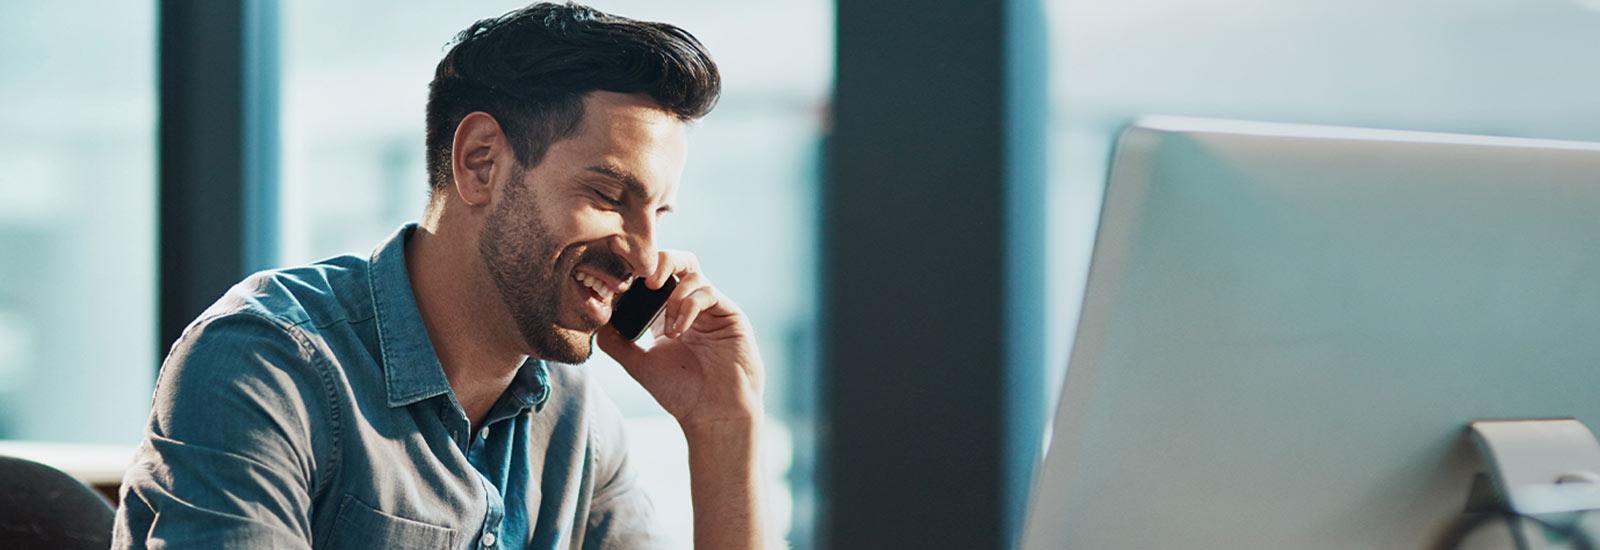 Un homme qui parle au téléphone et sourit